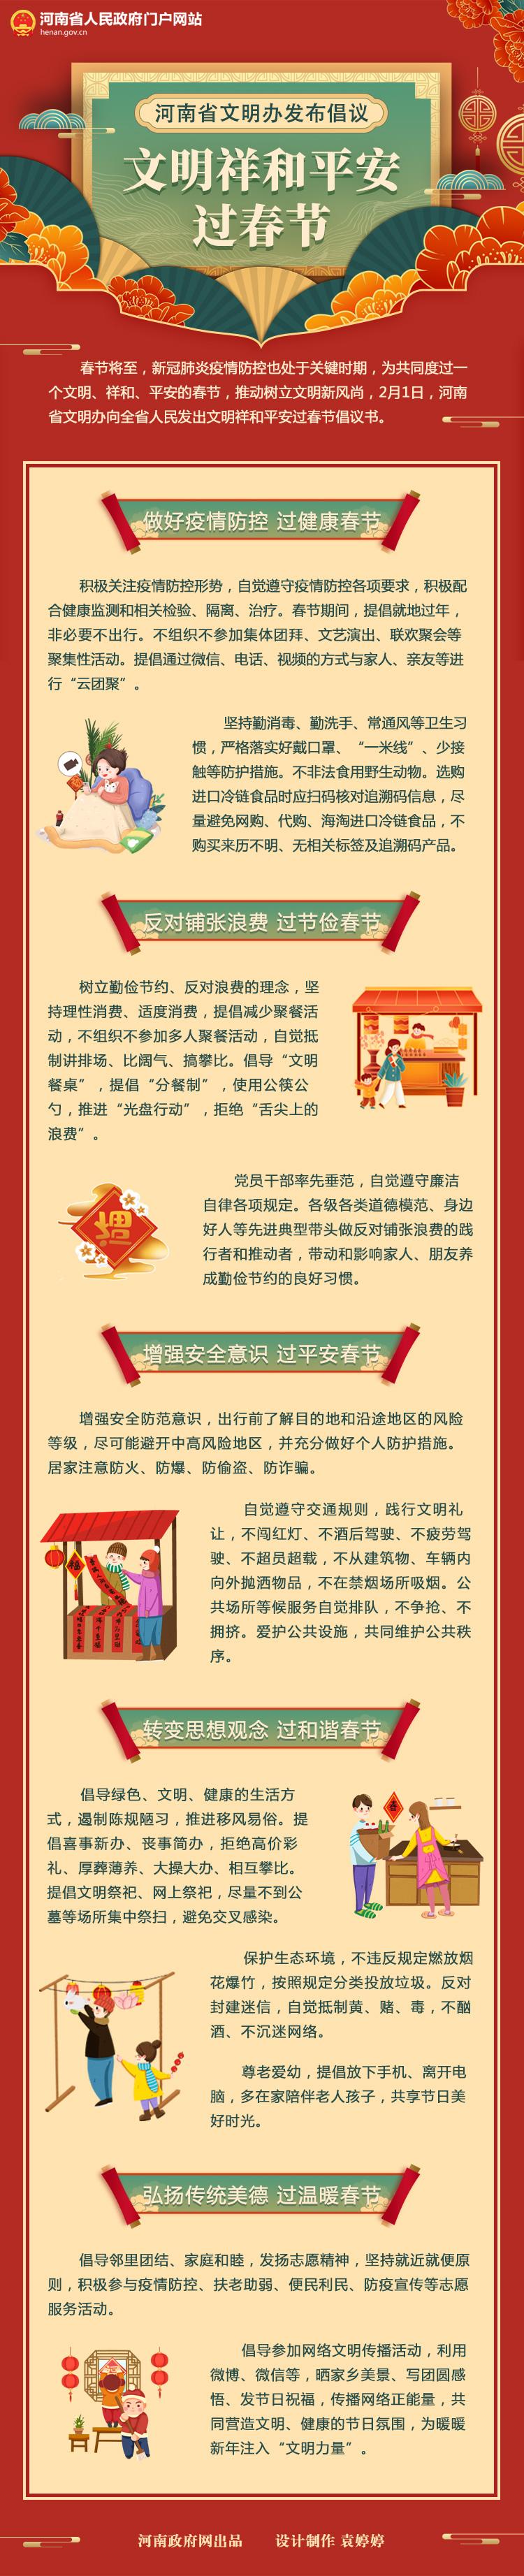 图解:河南省文明办发布倡议 文明祥和平安过春节